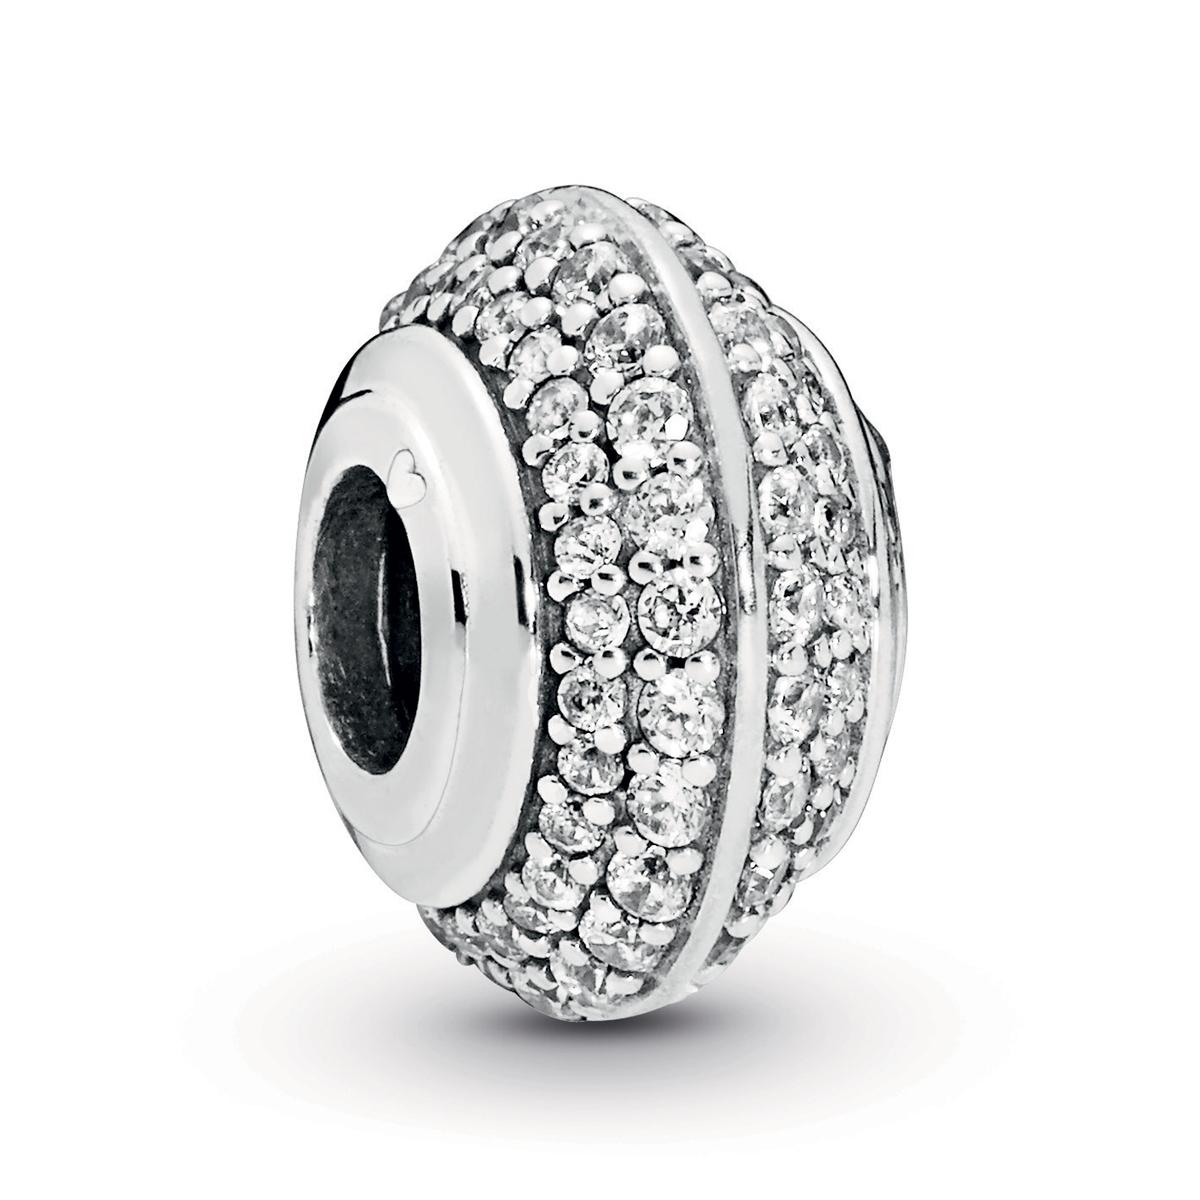 7e293cb02 PANDORA Gemstone & CZ Charms - Pancharmbracelets.com